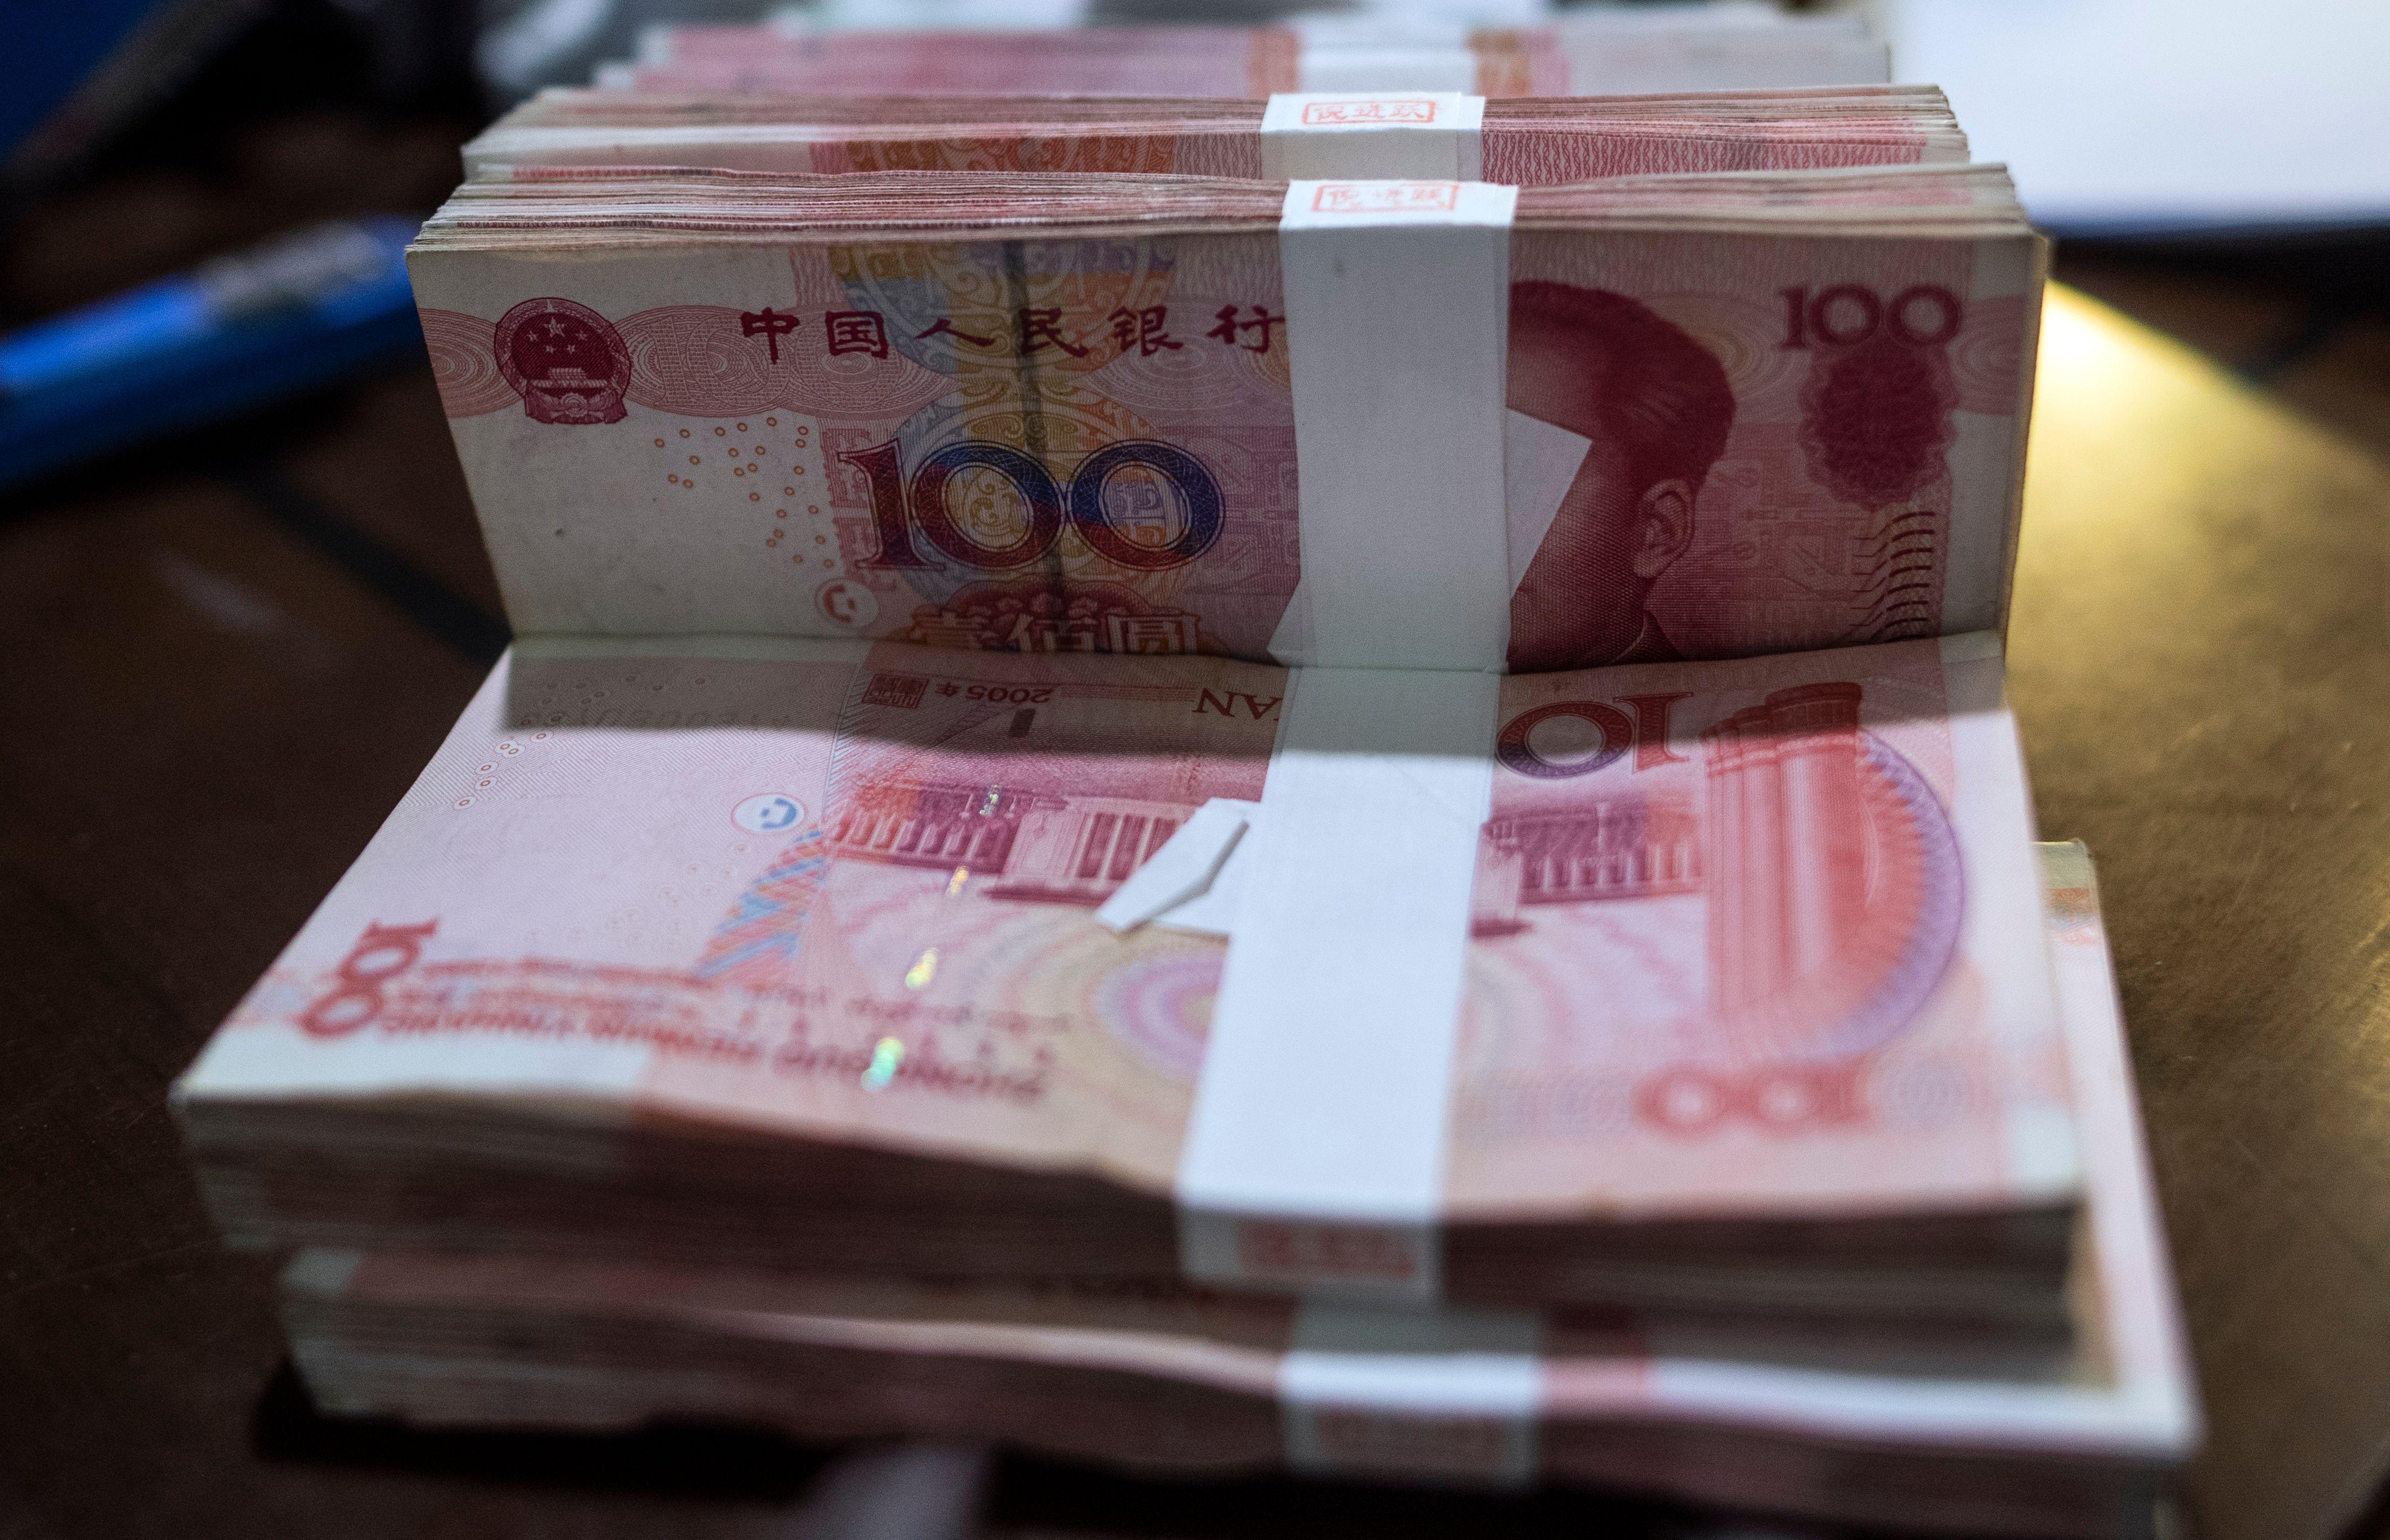 2018年,中國經濟下行,通脹加劇,外貿形勢嚴峻等,都是人民幣貶值的壓力源。(JOHANNES EISELE/AFP/Getty Images)